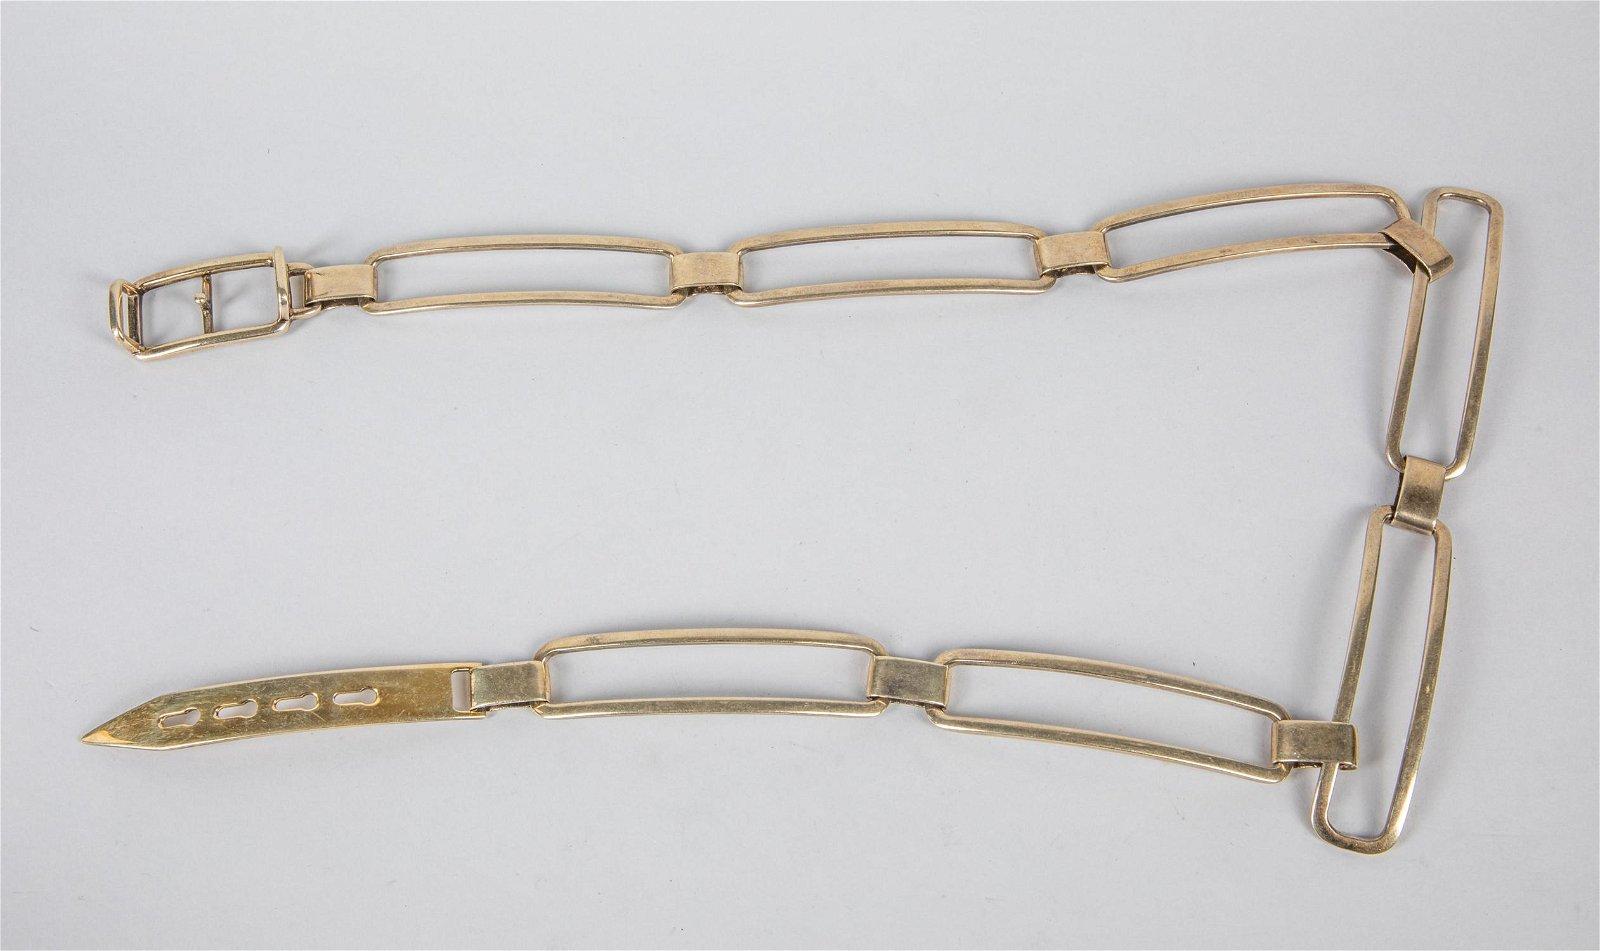 Vintage 1970s Large Sterling Silver Designer Belt